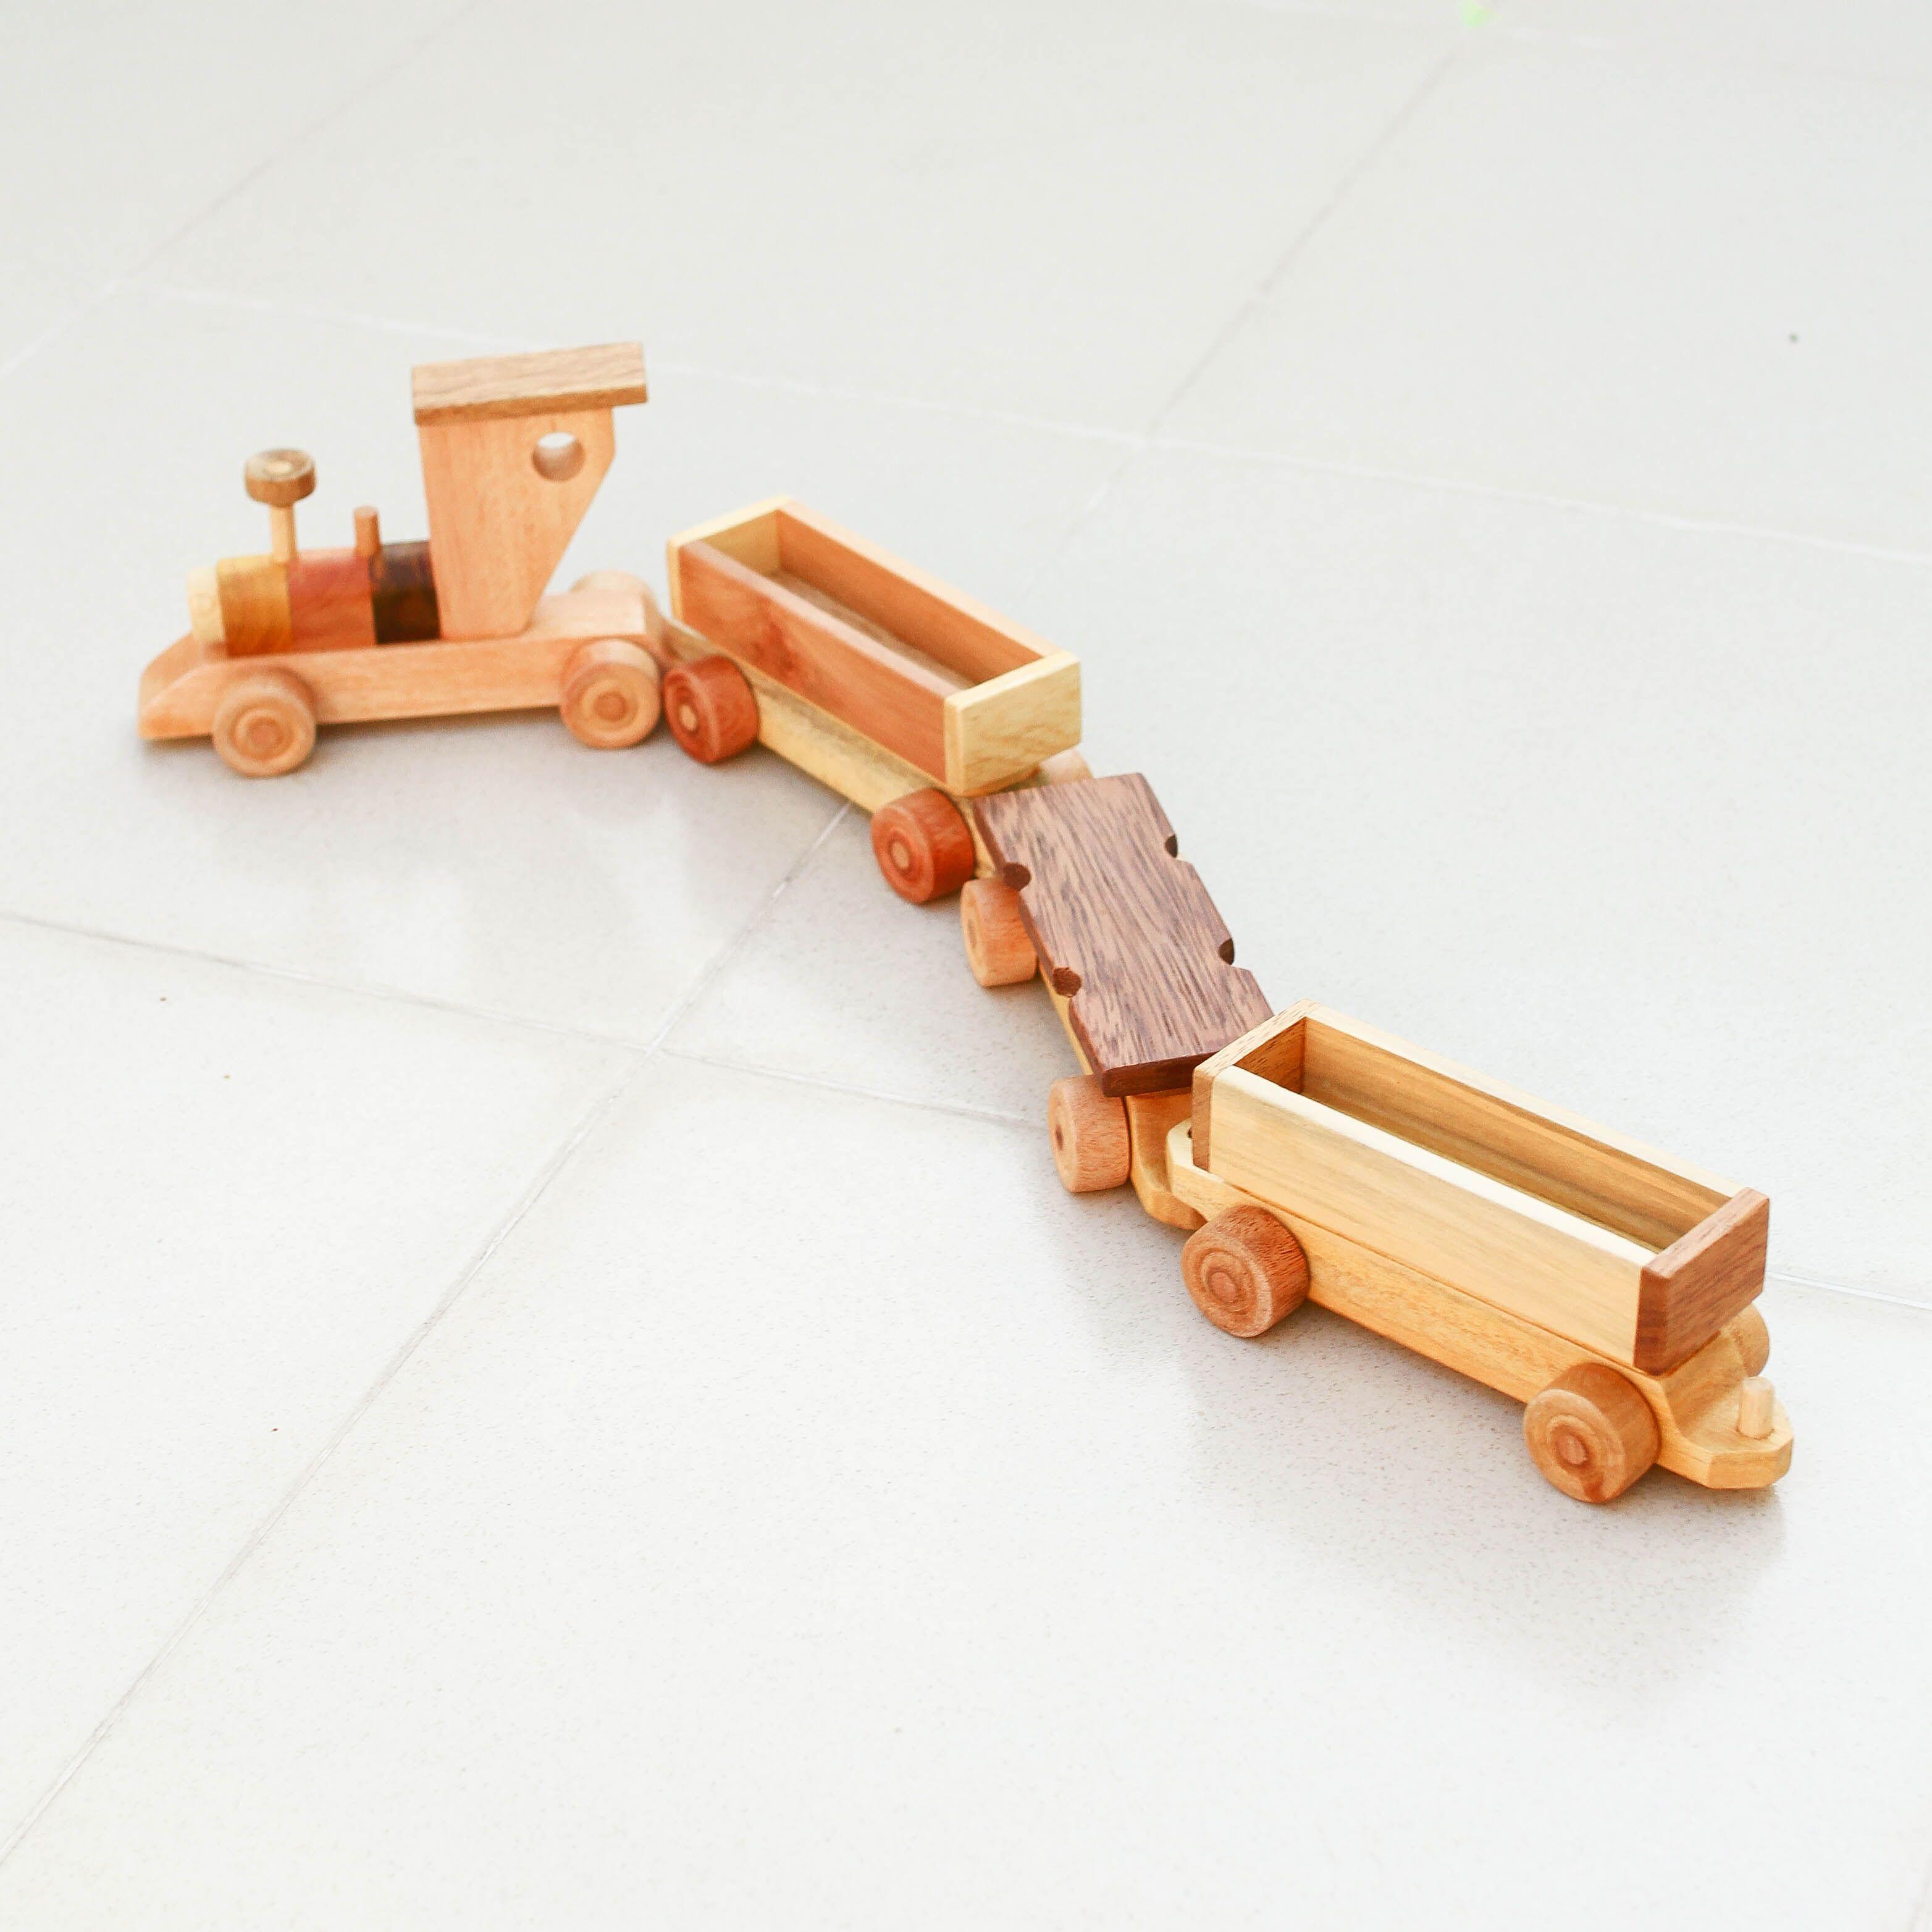 Mô hình Đoàn tàu gỗ cho bé